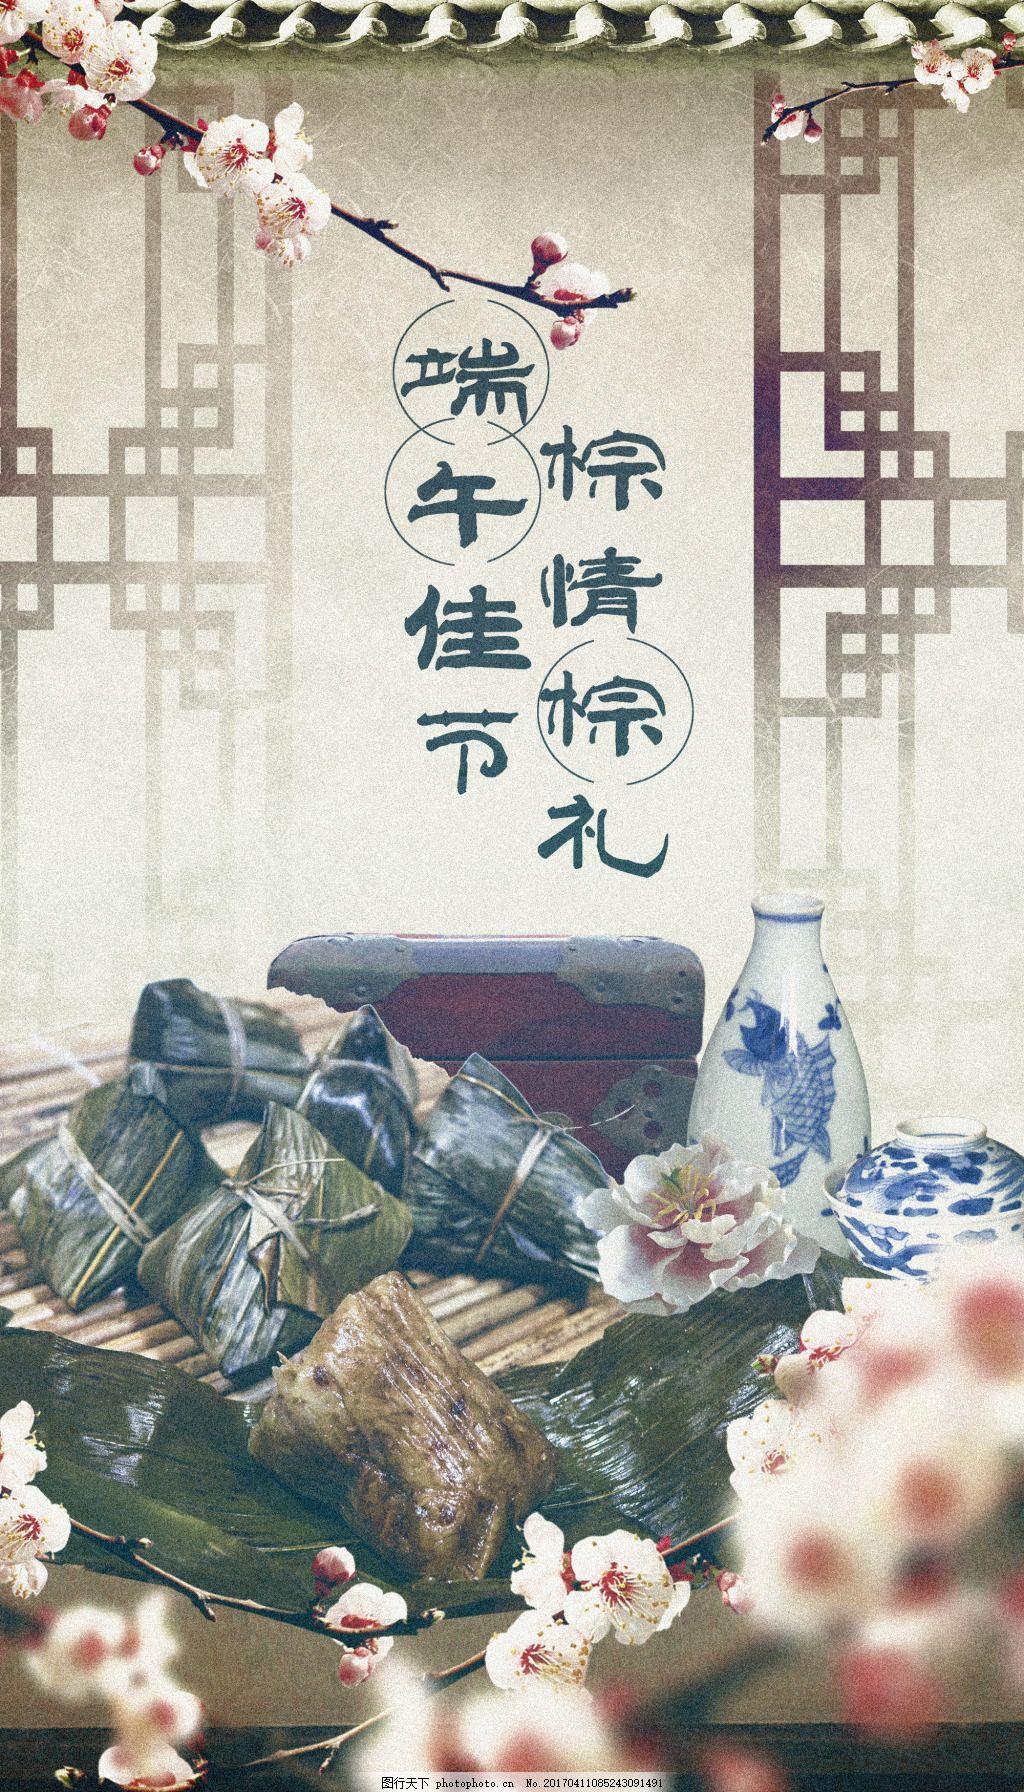 端午节粽子 端午佳节 棕情棕礼 花 酒瓶 茶杯 古风 中国风